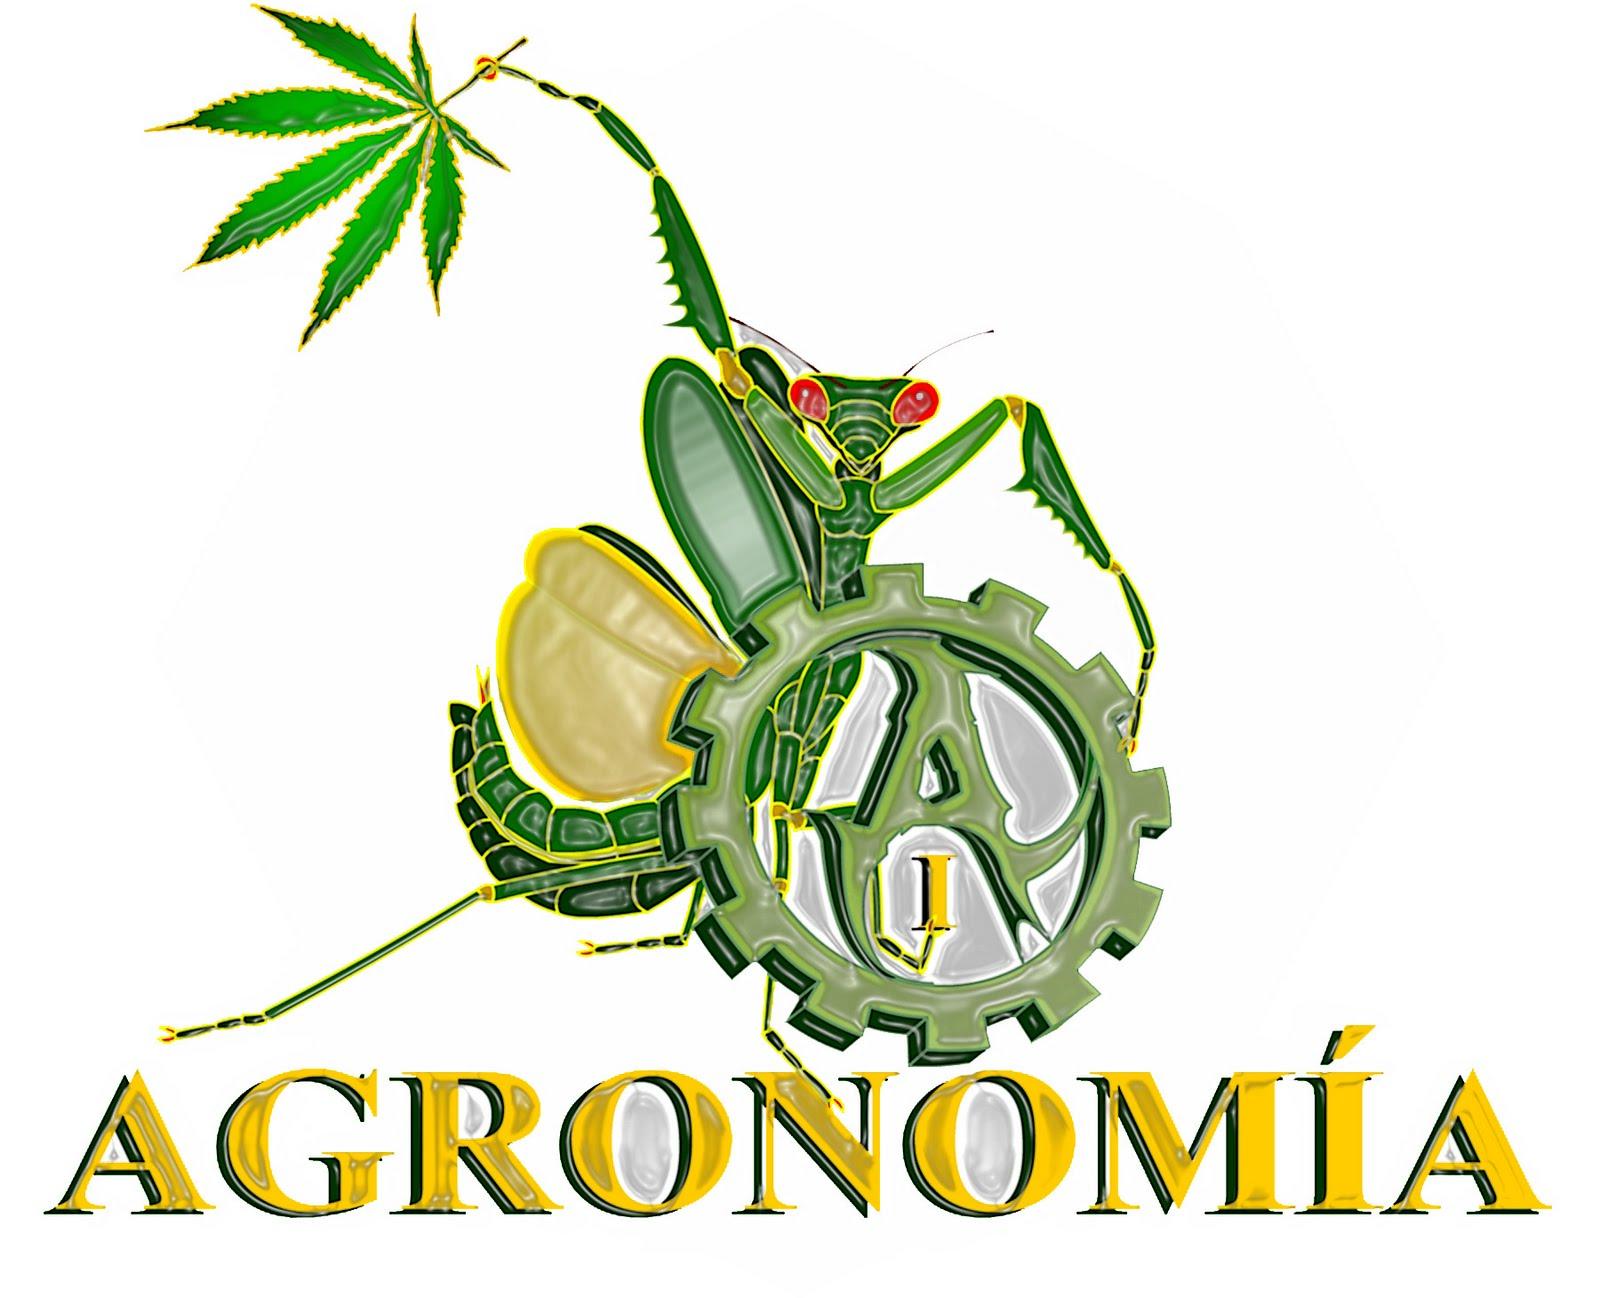 LíneaAGRO: Logos-Agronomía